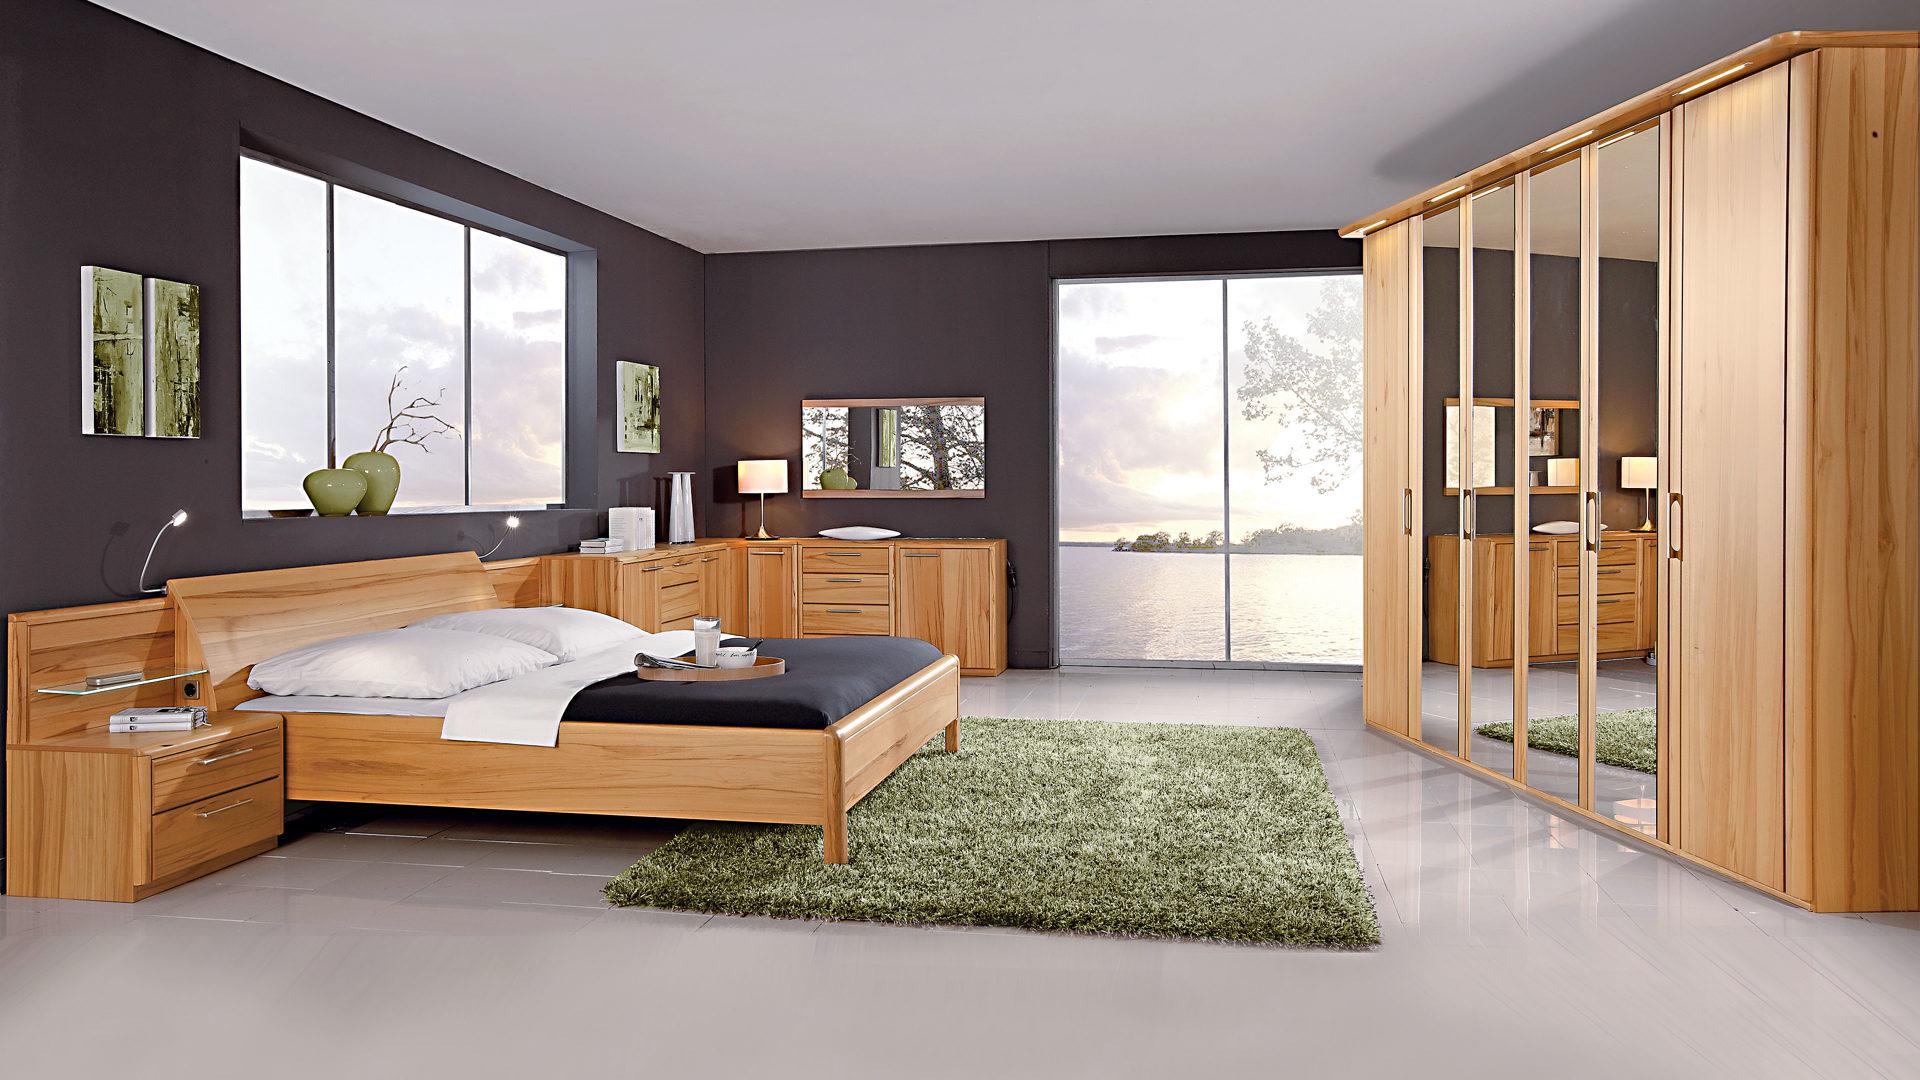 Modernes C. DISSELKAMP Schlafzimmer mit Bettgestell, Kernbuche  Echtholzfurnier - vierteilig